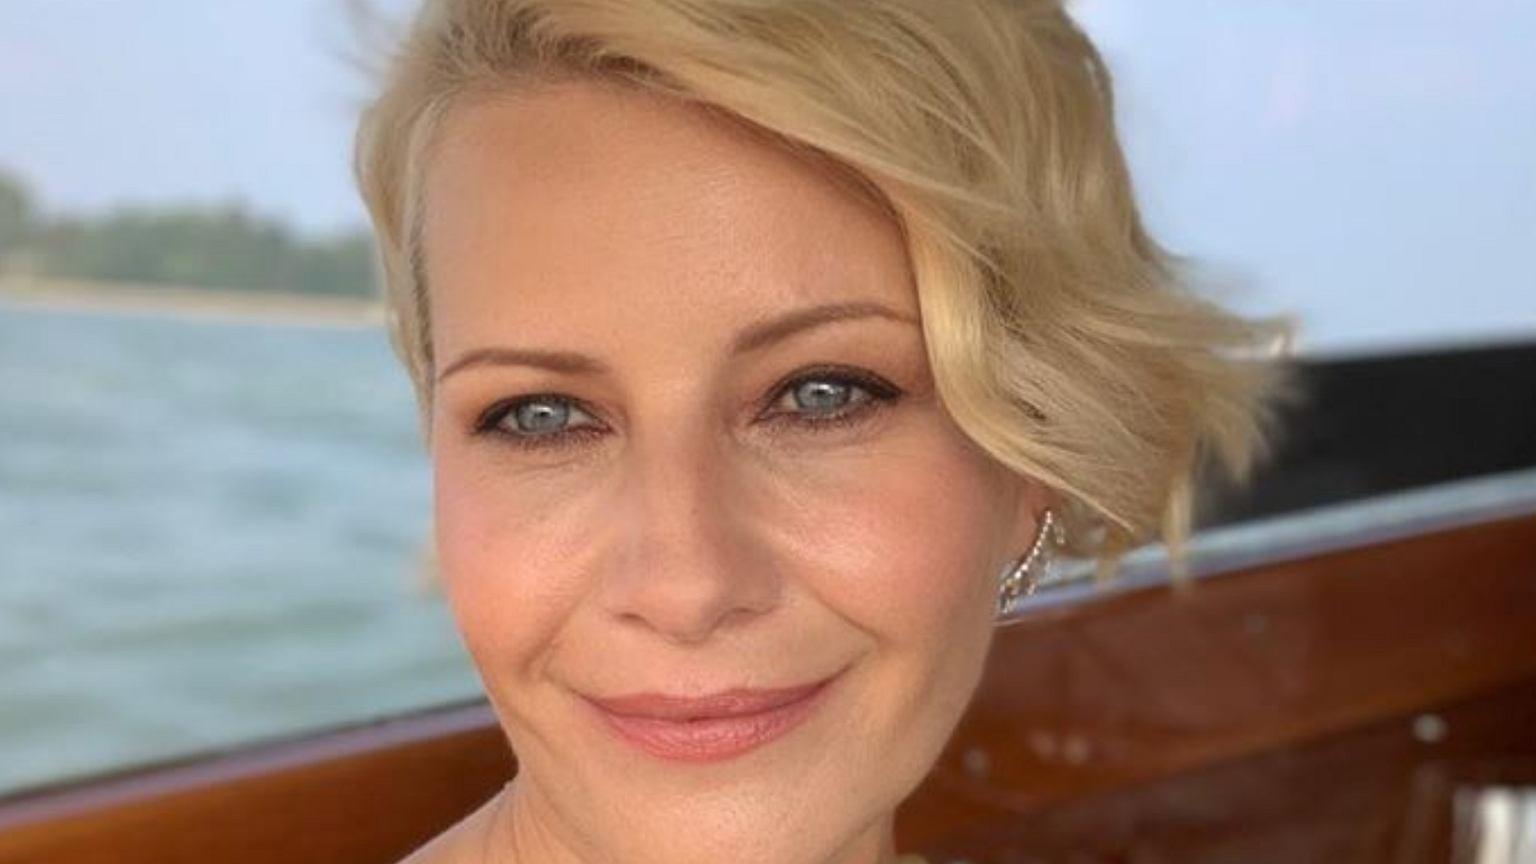 Małgorzata Kożuchowska zawsze wygląda pięknie, ale tym razem... przeszła samą siebie!